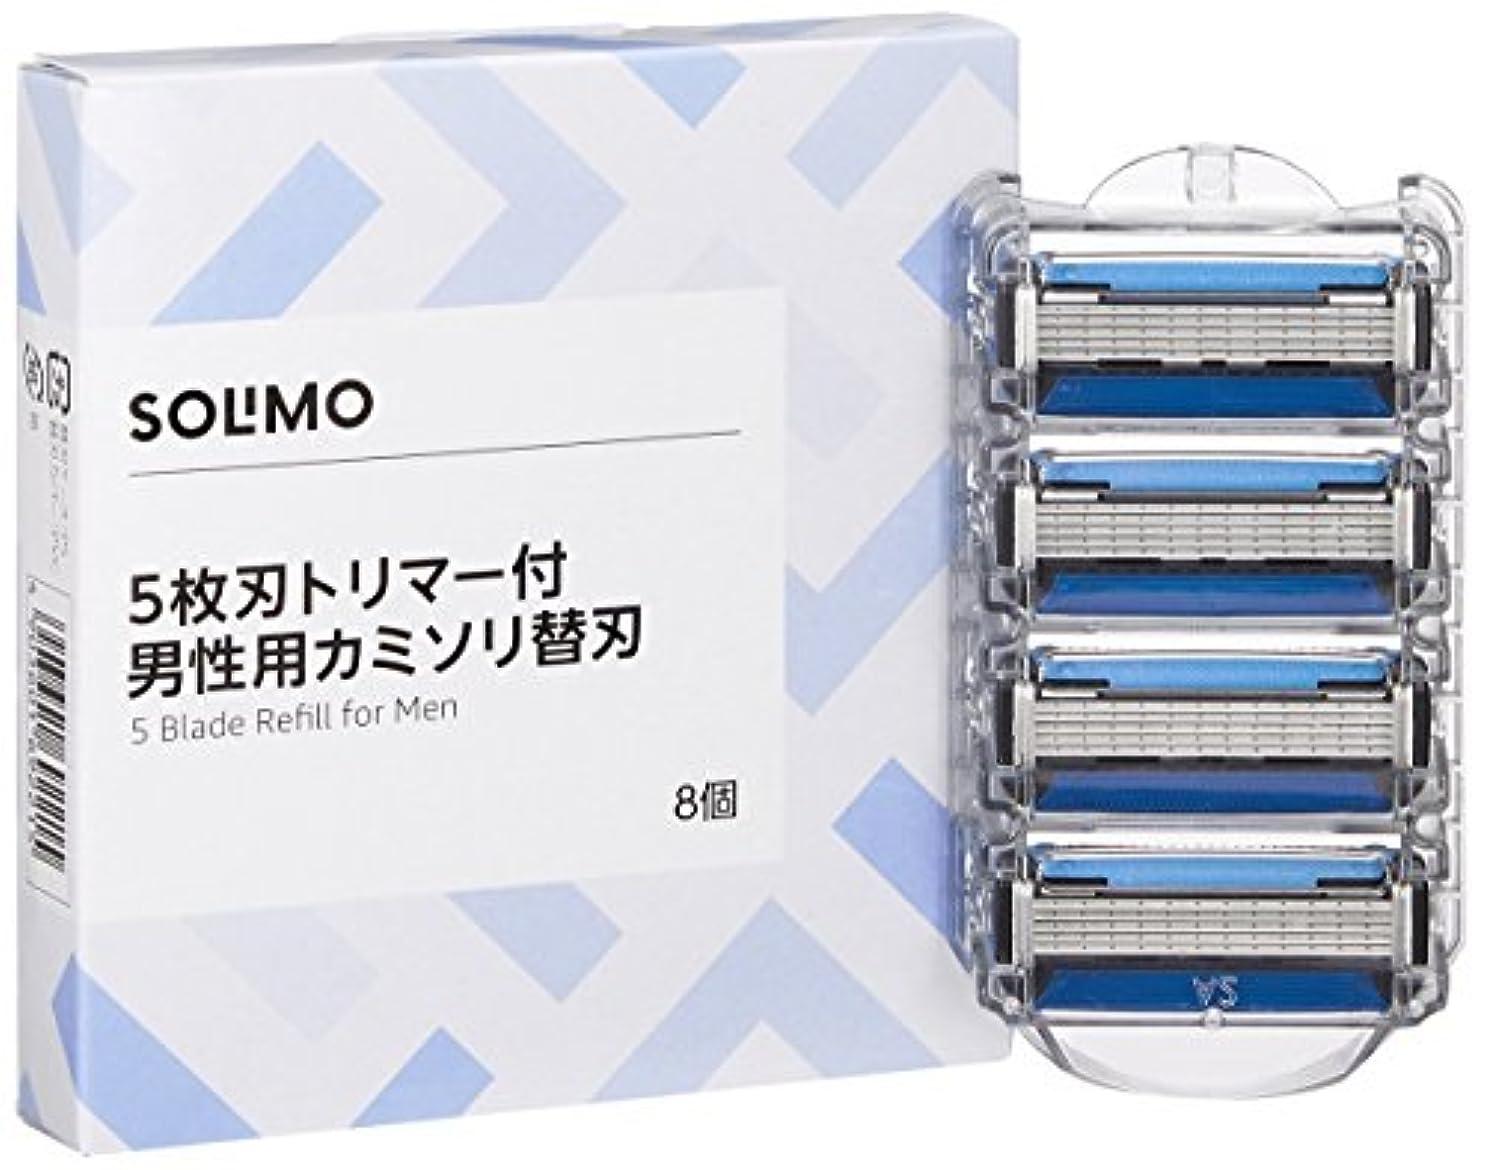 偉業薬物語[Amazonブランド]SOLIMO 5枚刃 トリマー付 男性用 カミソリ替刃8個